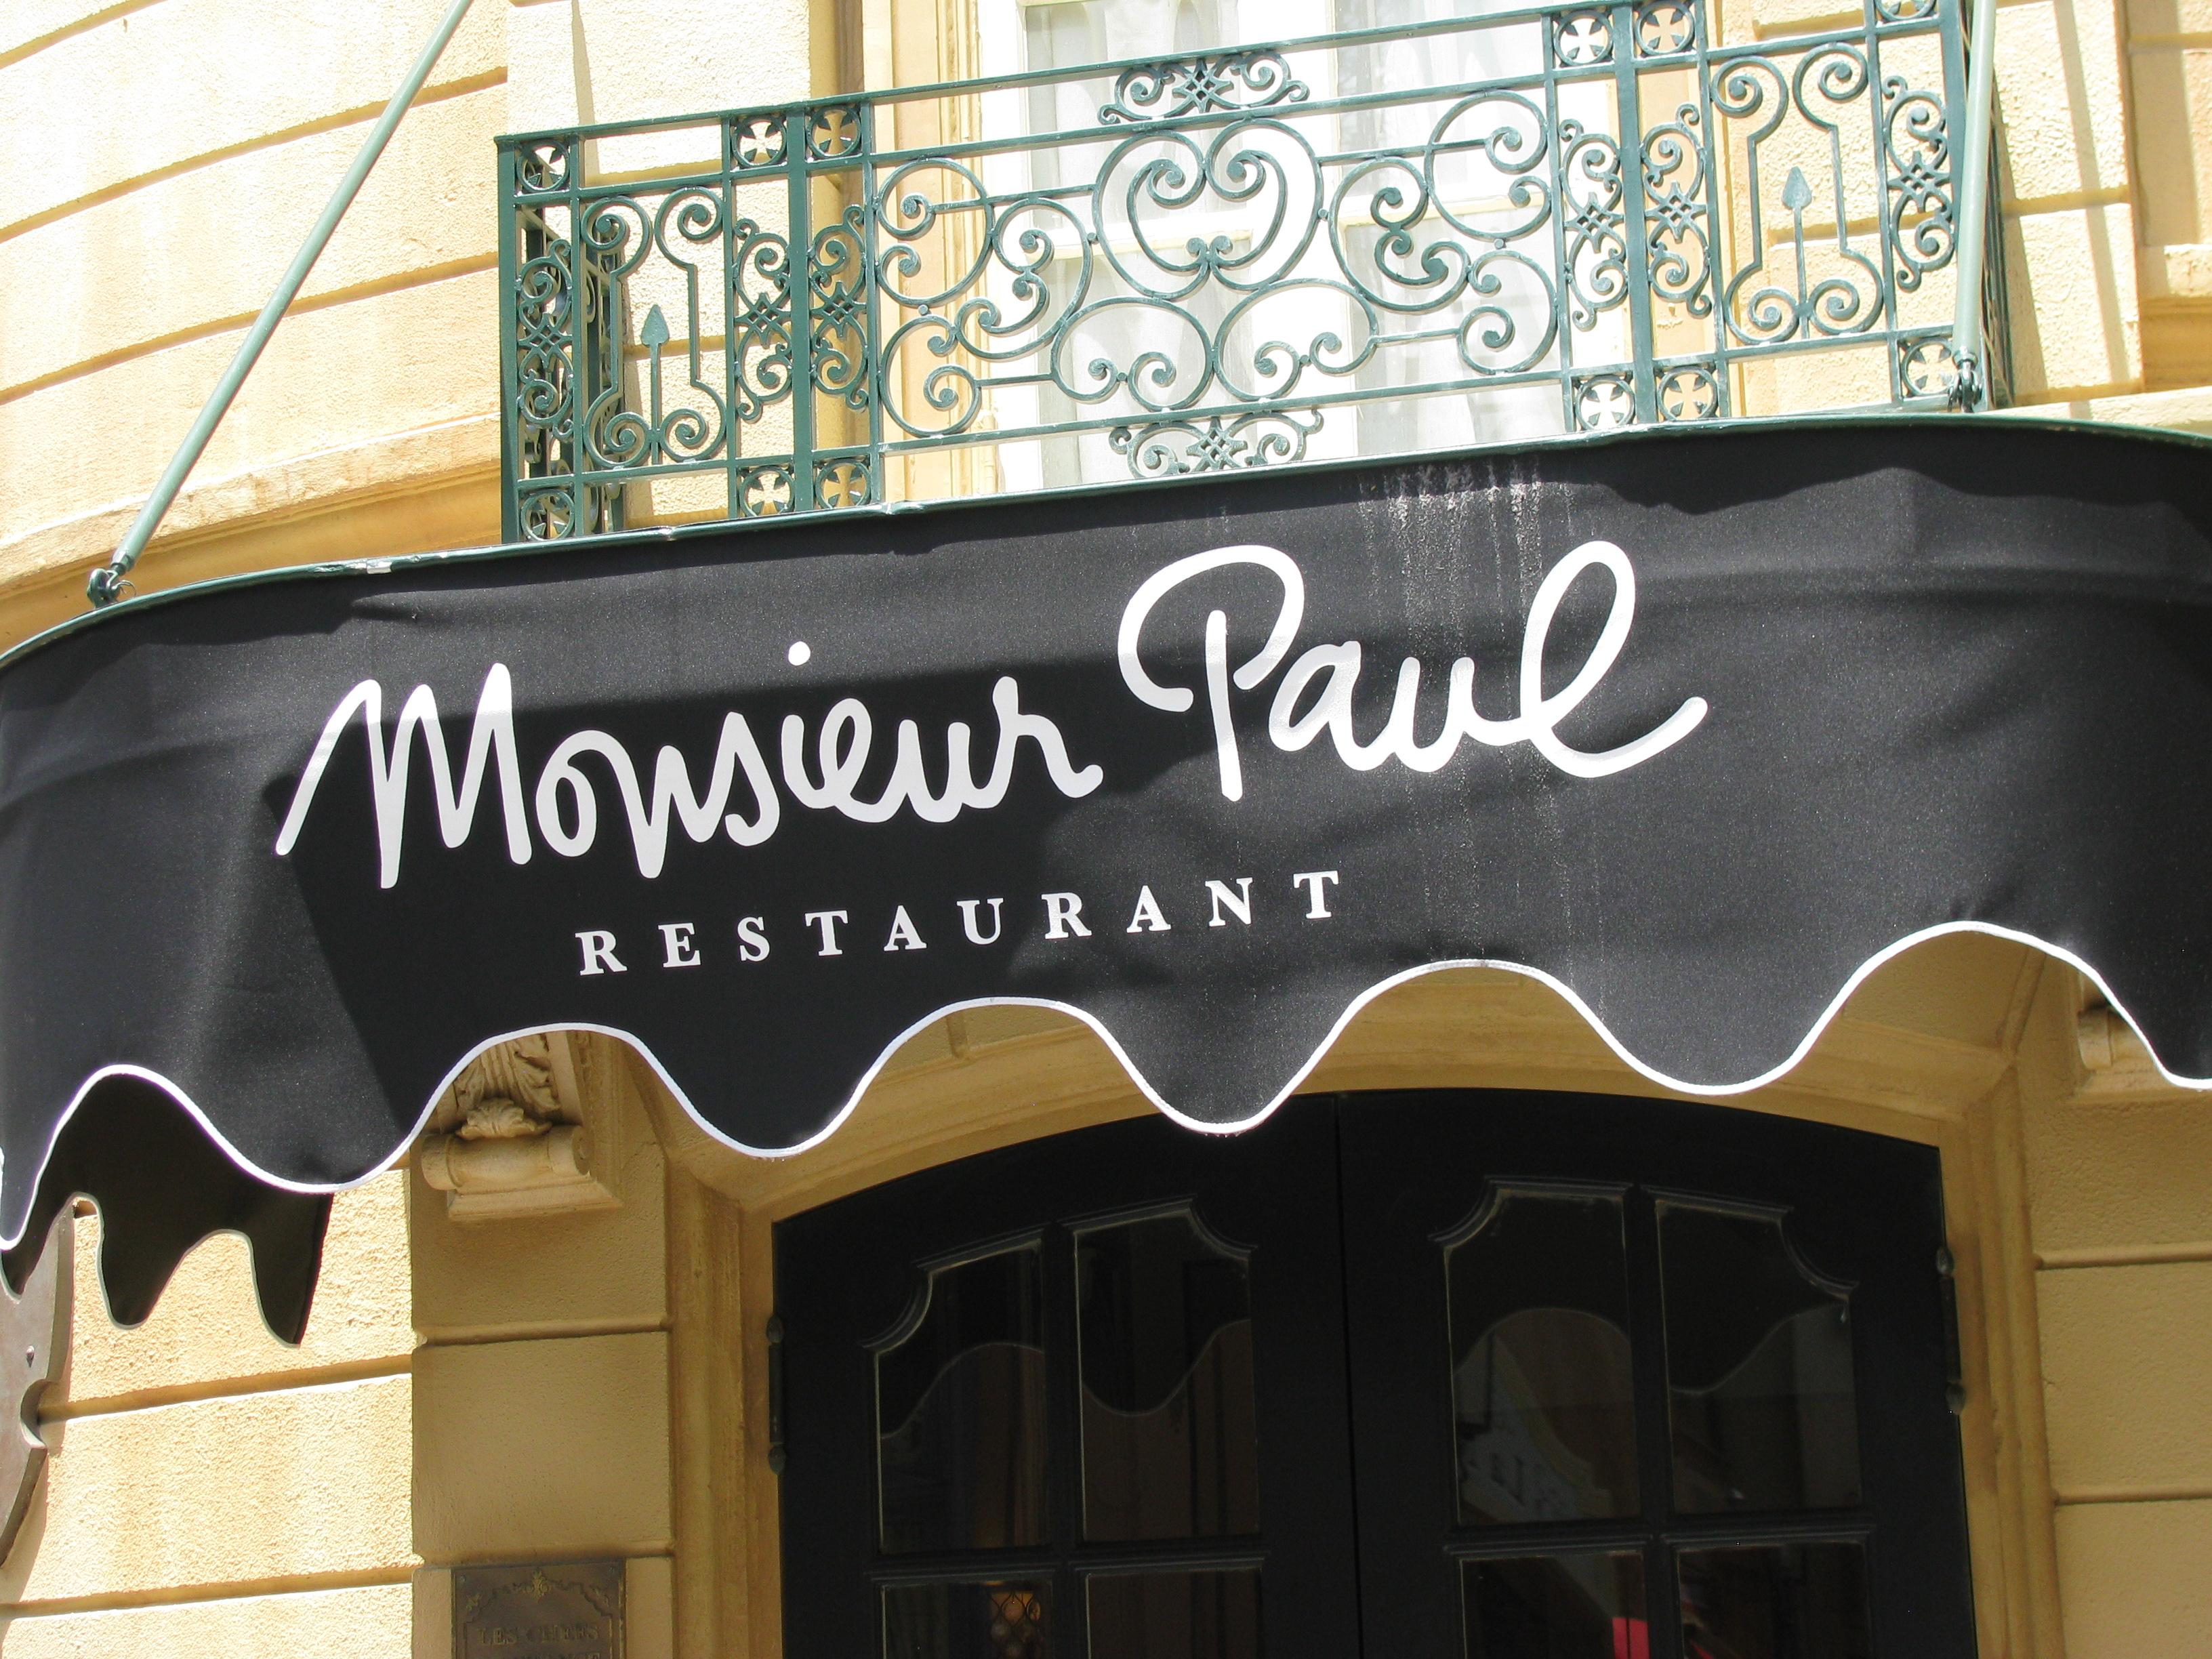 Ponto Orlando Restaurante na Disney Dicas da Disney Monsieur Paul Epcot 2